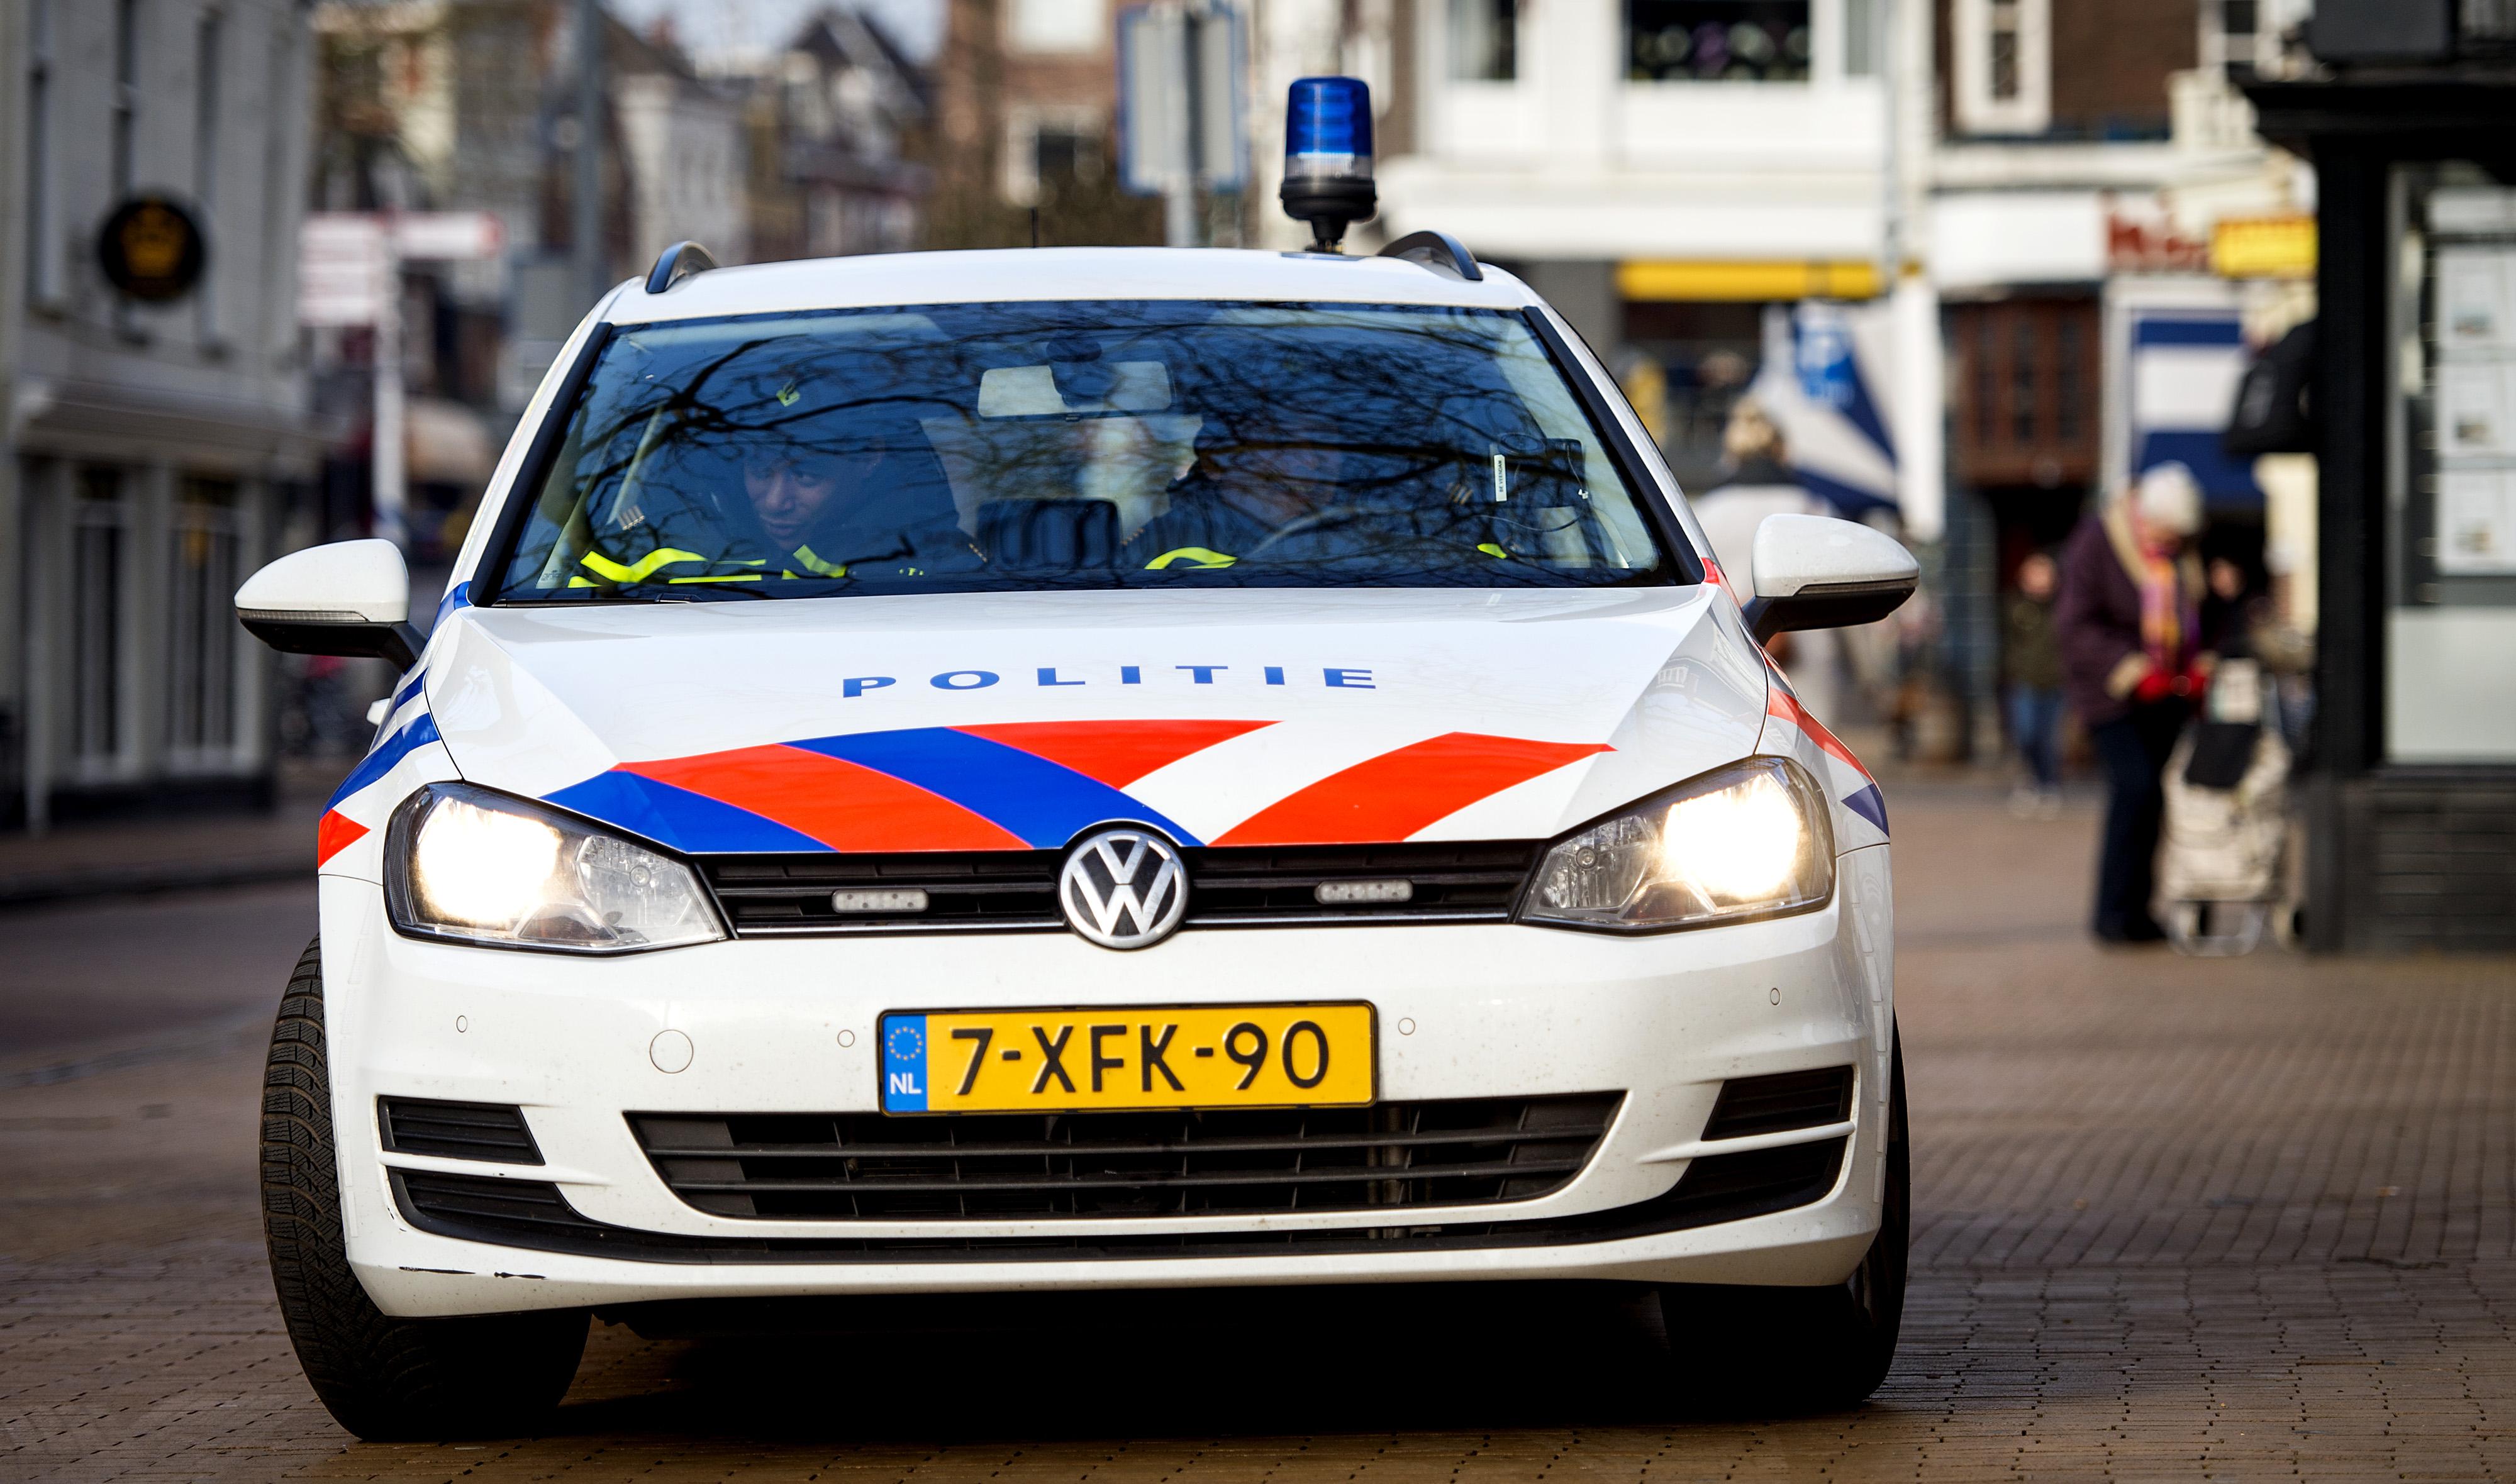 Niet langer de cel in na eerste winkeldiefstal in Amsterdam